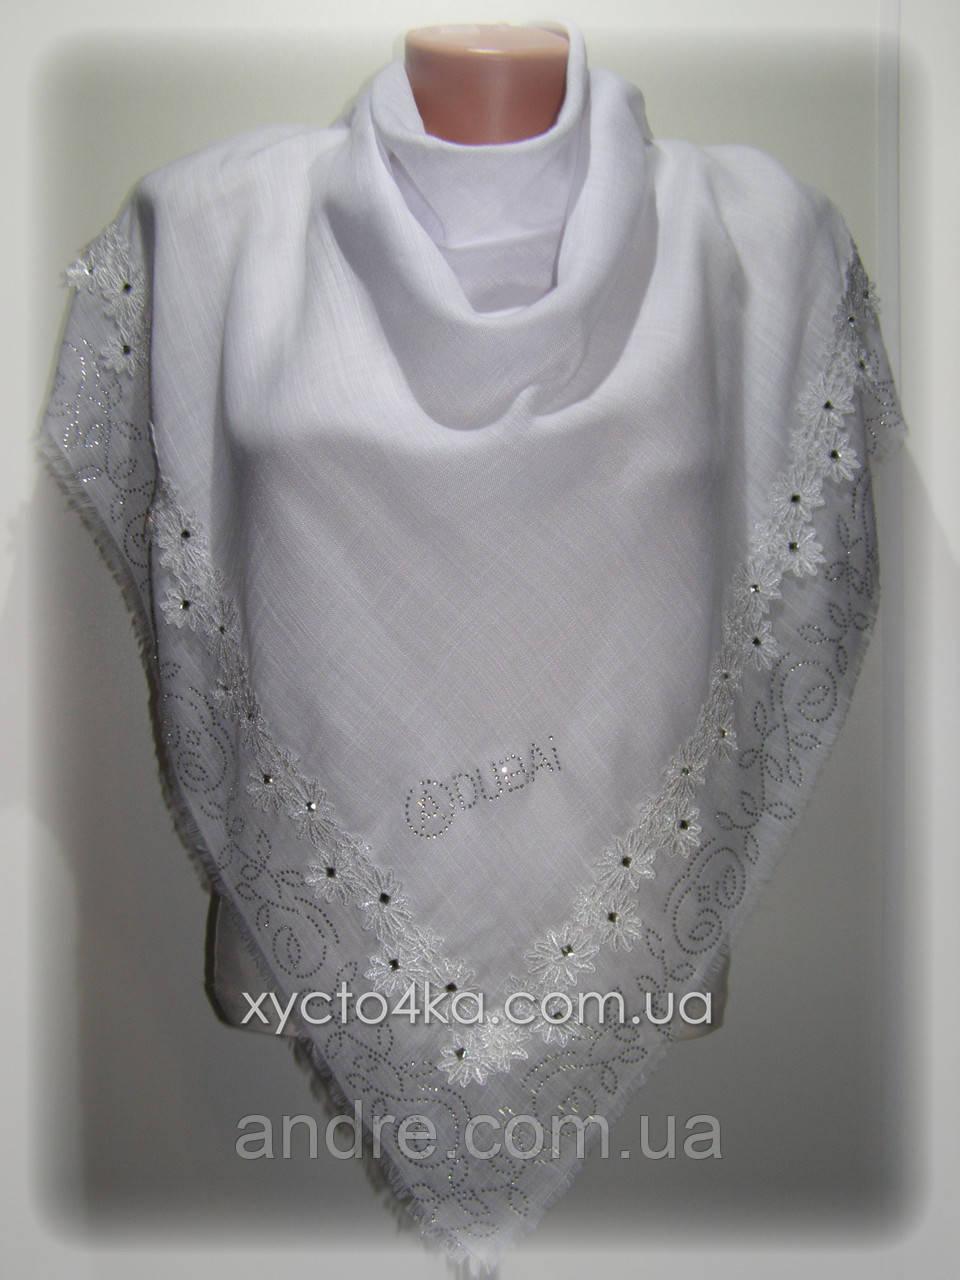 Турецкие льняные платки, каролина, белый